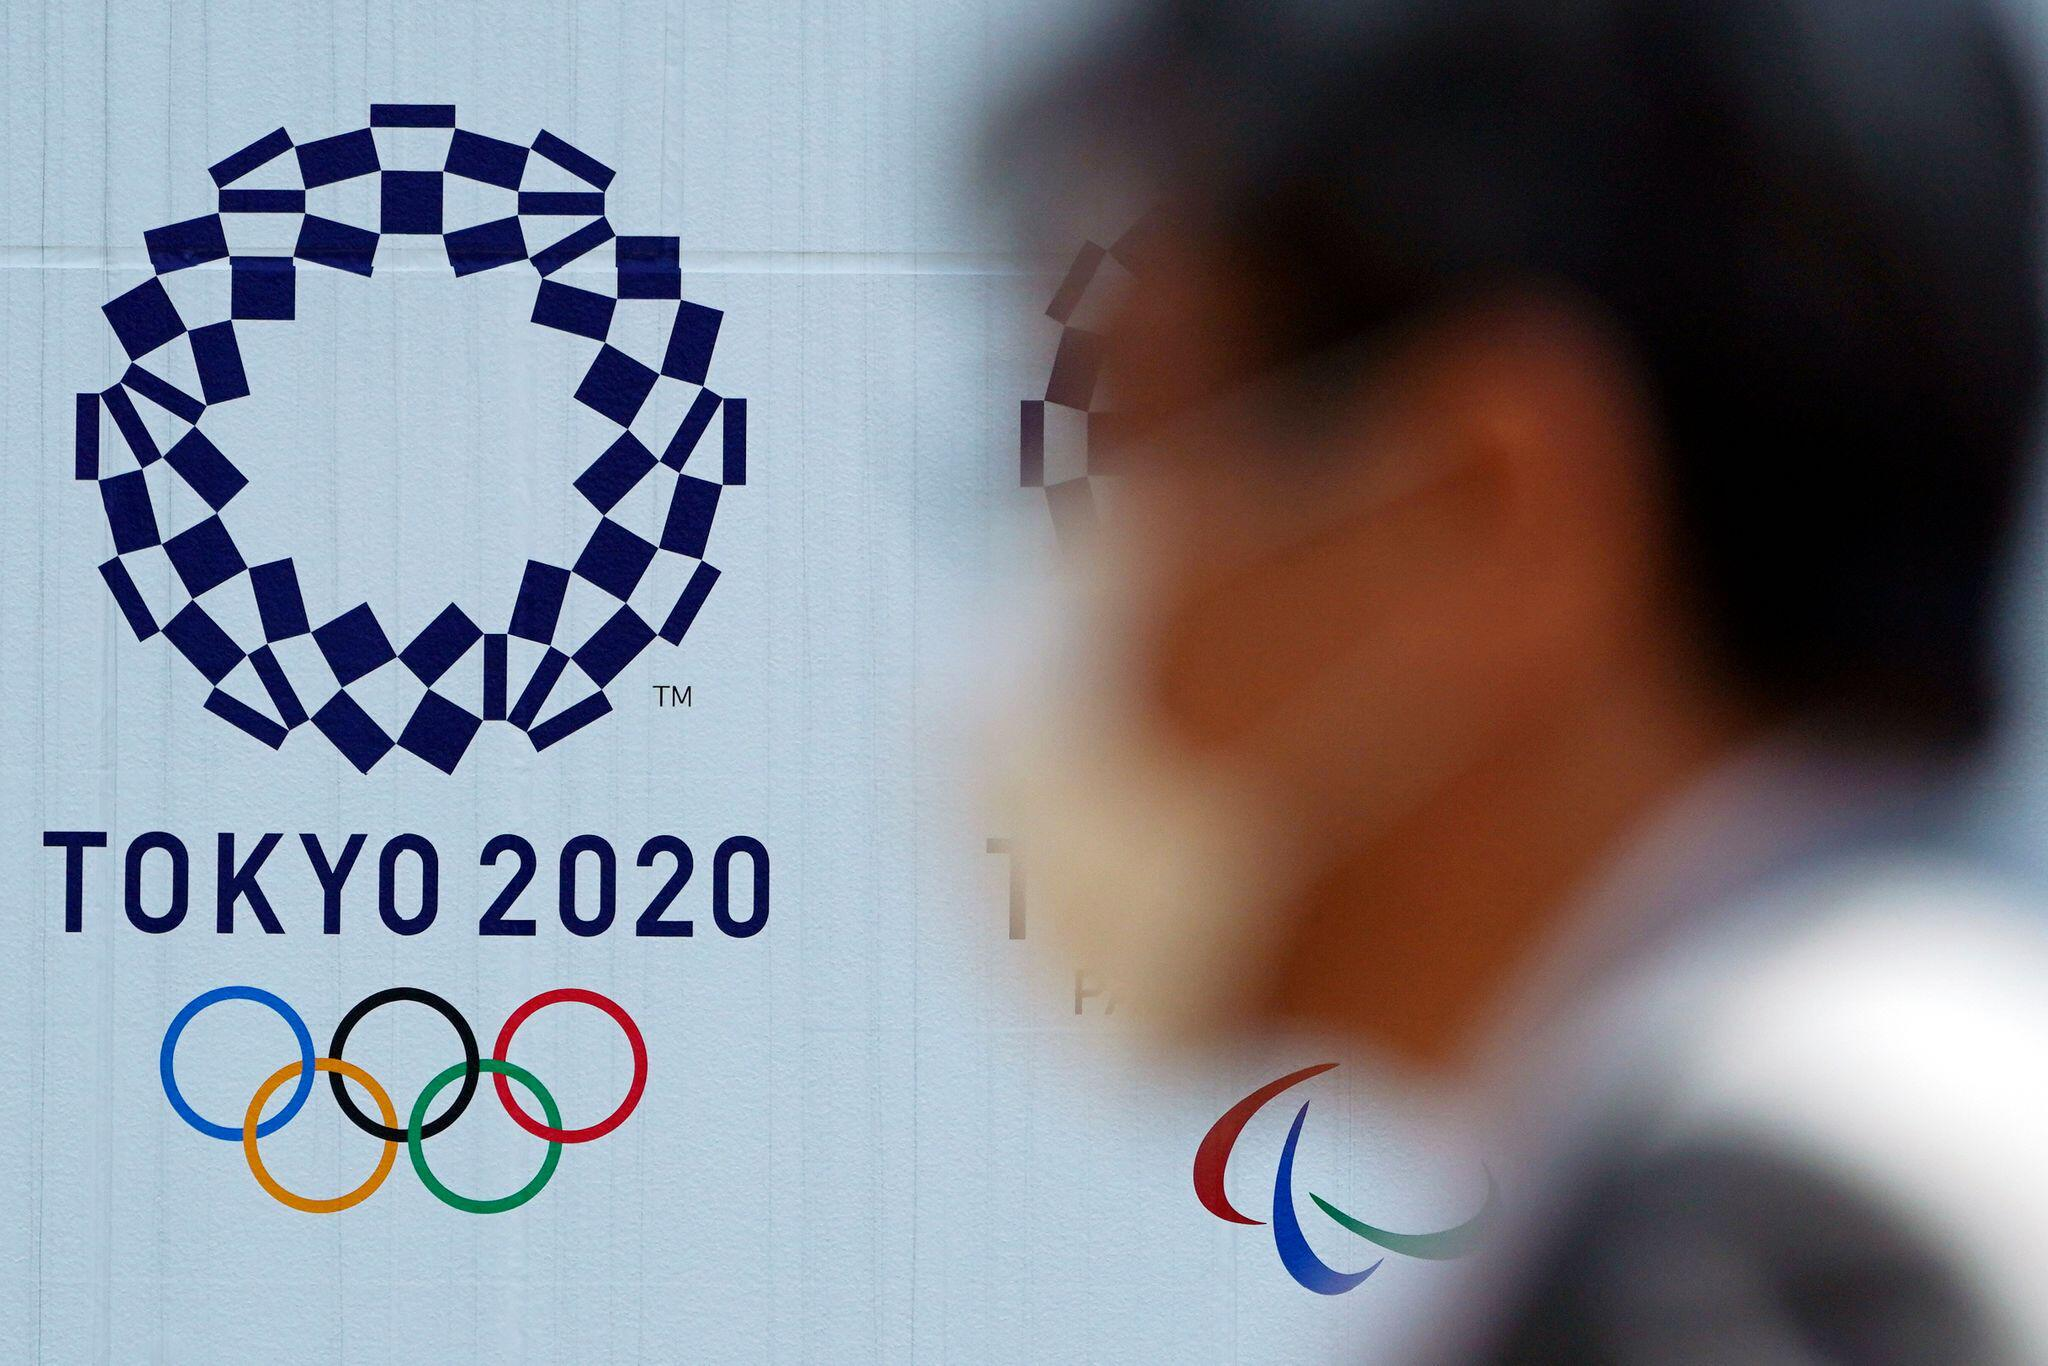 Bild zu Coronavirus - Vor den Olympischen Spielen in Tokio